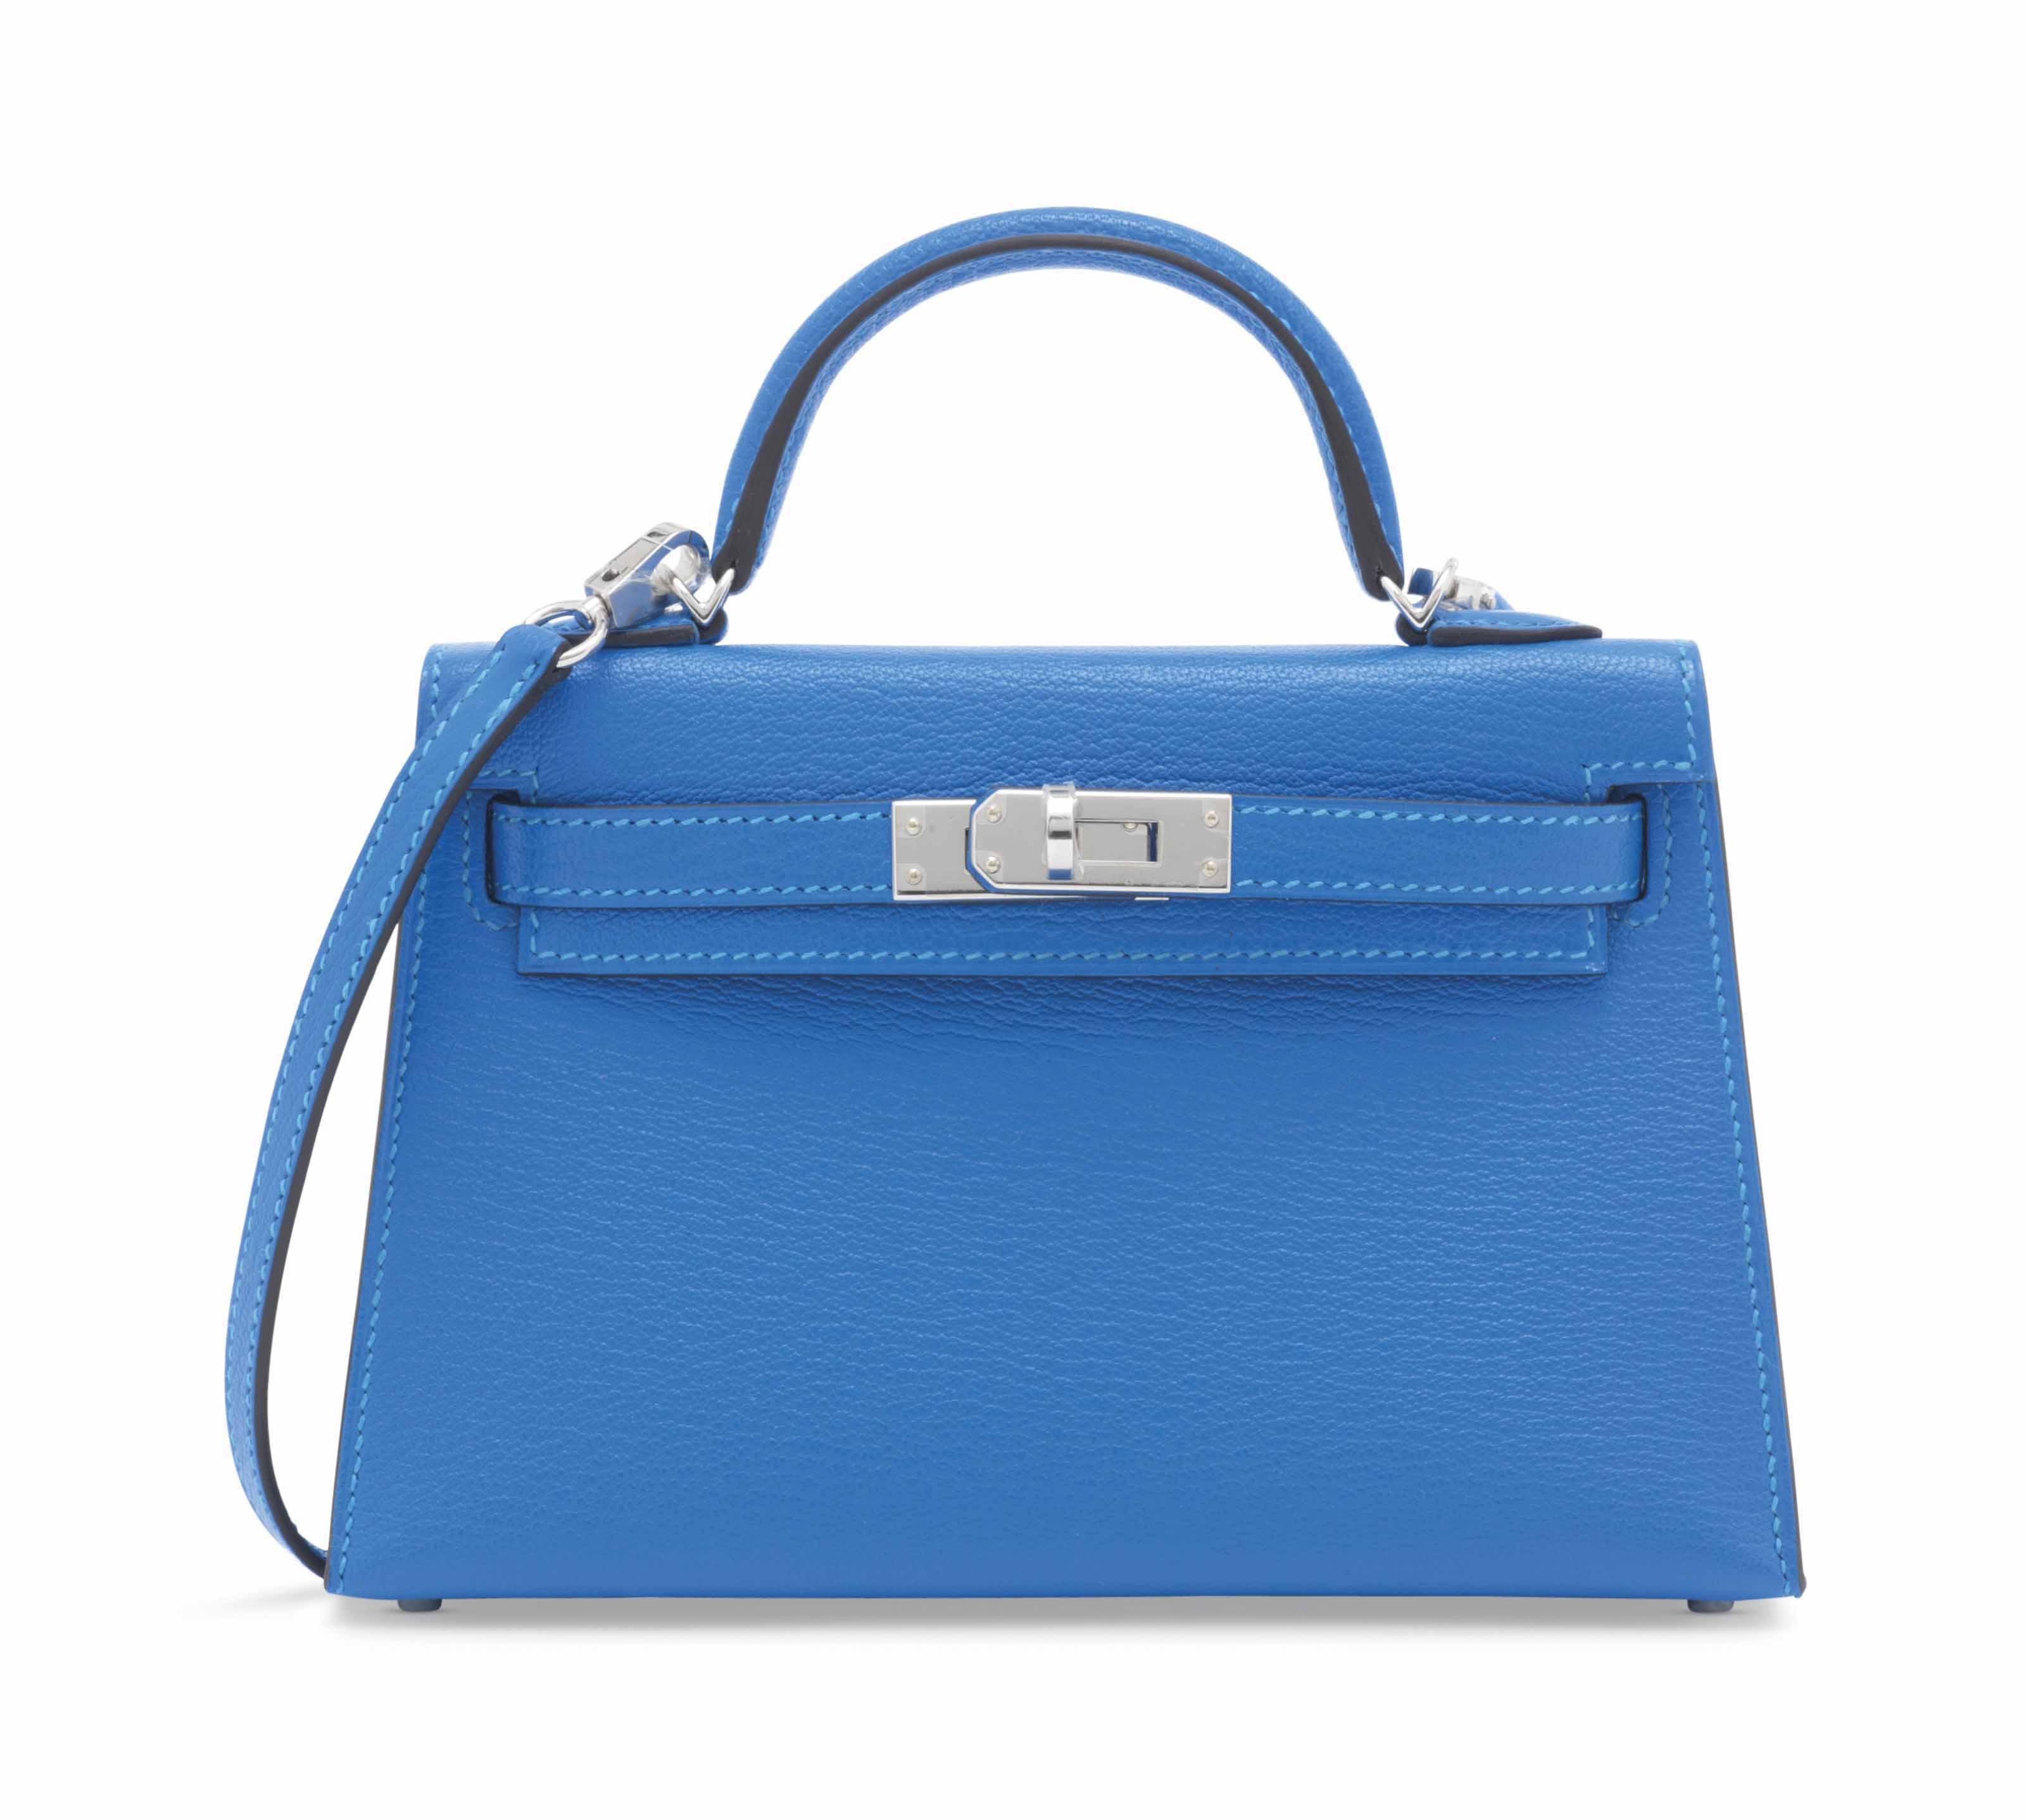 4f4f0c0f6f ... new zealand sac mini kelly sellier 20 ii en chÈvre bleu hydra garniture  en mÉtal argentÉ